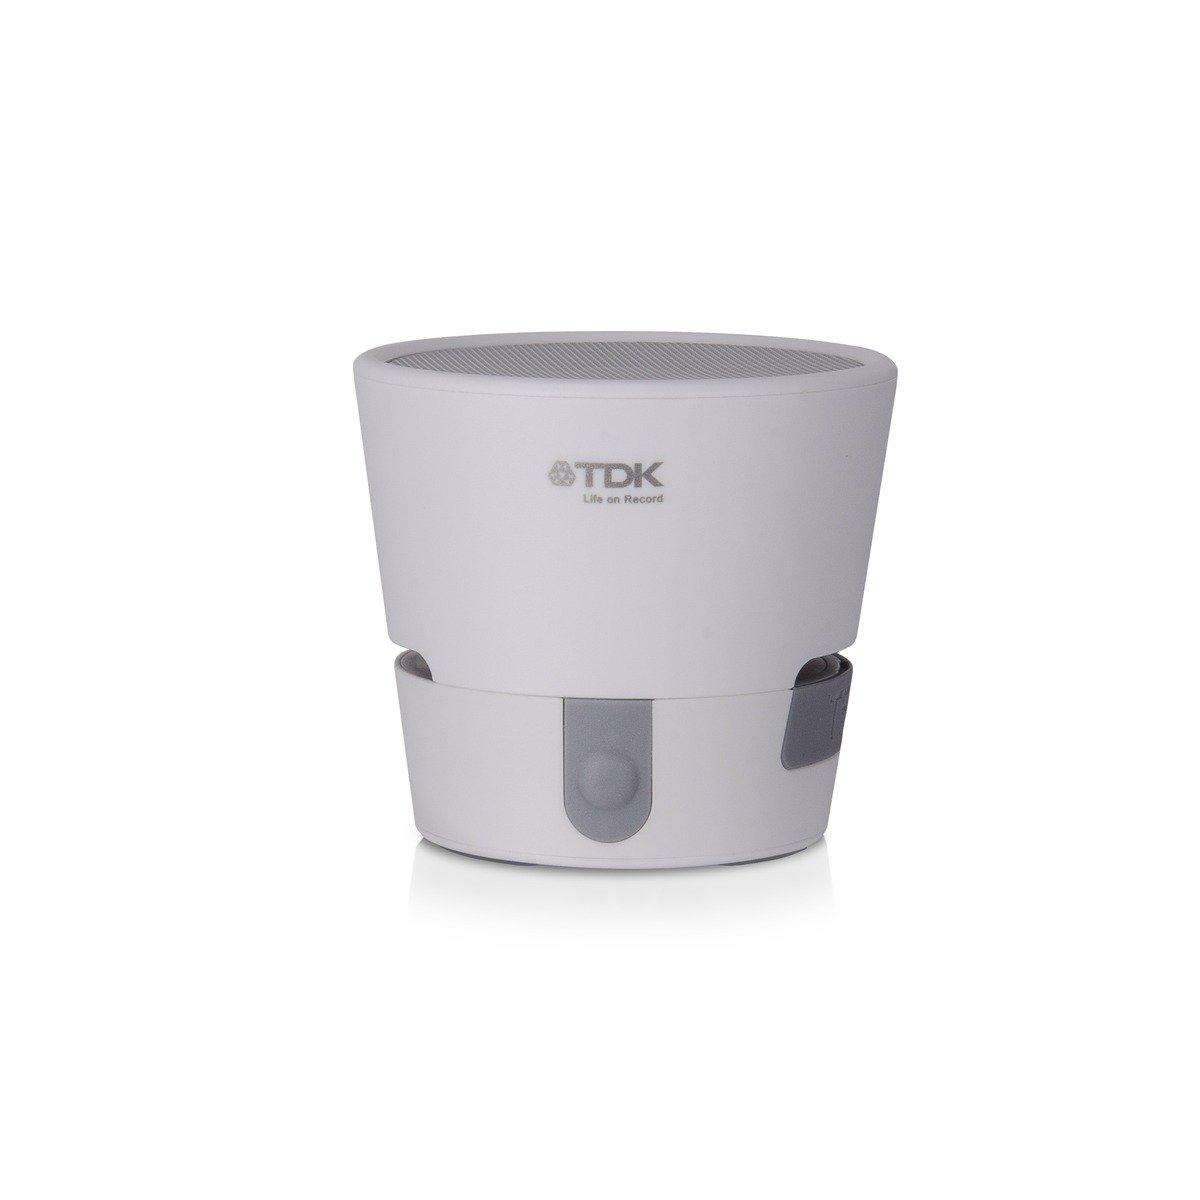 A08 TREK MINI 便攜式全天候藍牙無線喇叭,白色